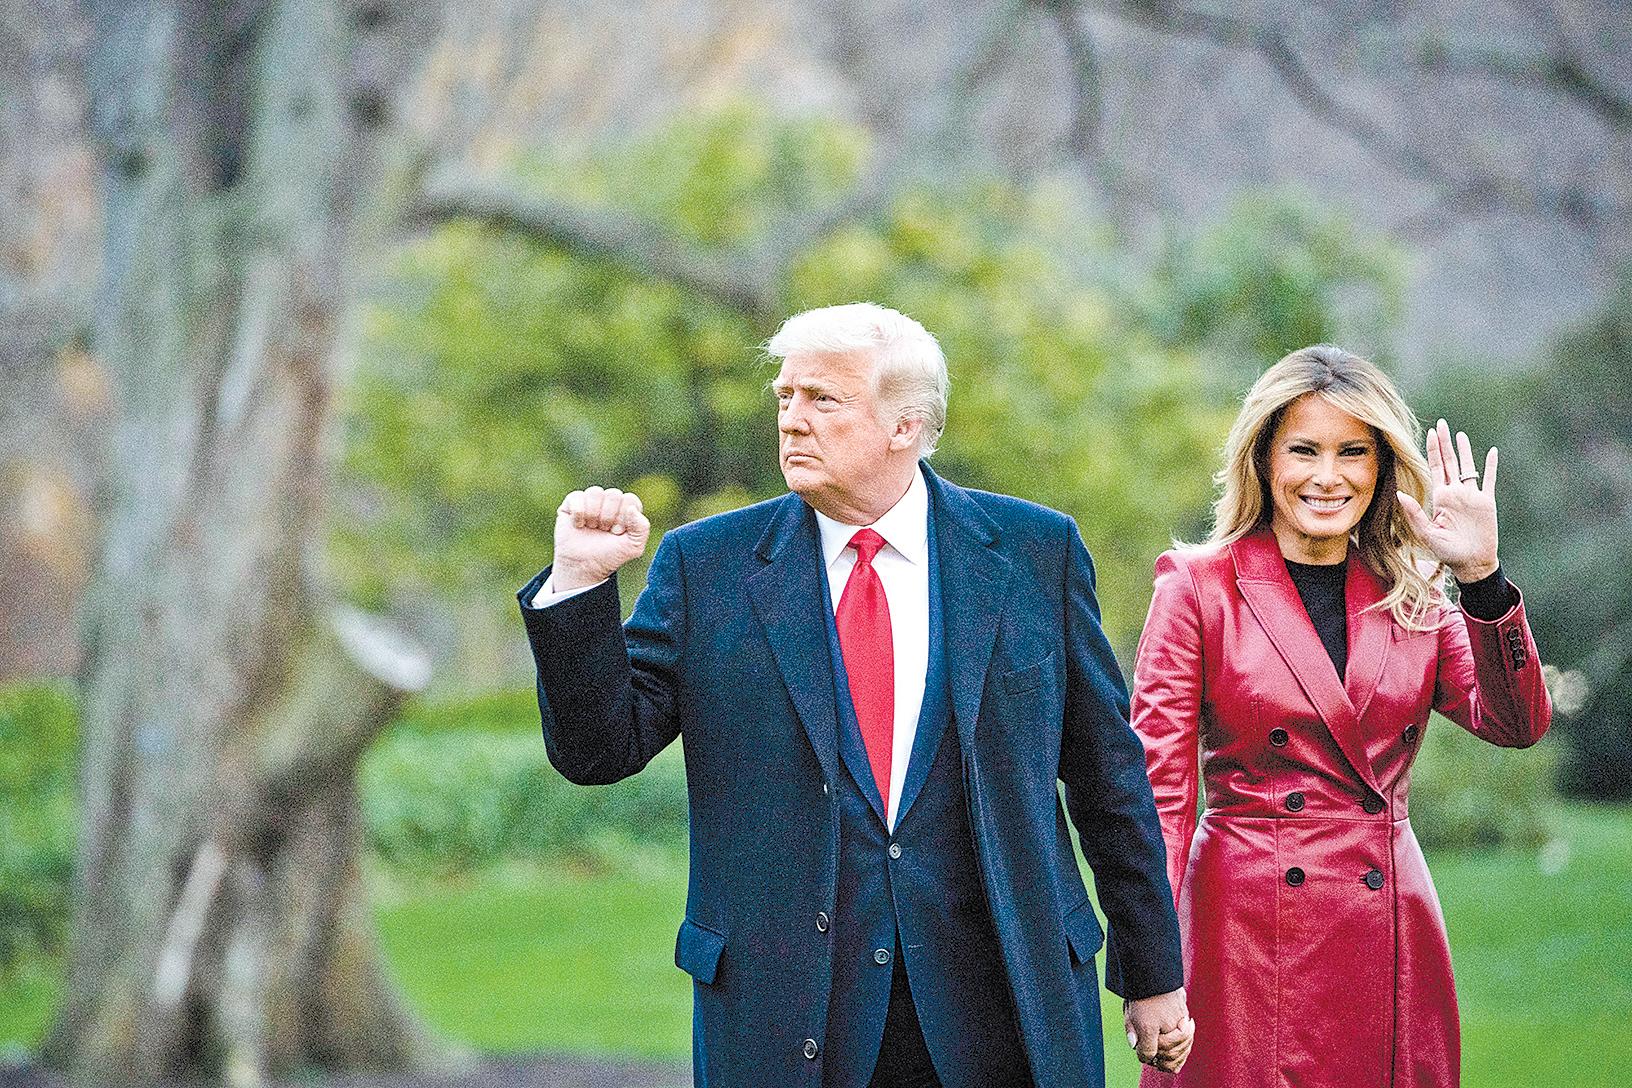 12月5日,美國總統特朗普和第一夫人梅拉尼亞離開白宮南草坪,前往佐治亞州參加集會。(Al Drago/Getty Images)